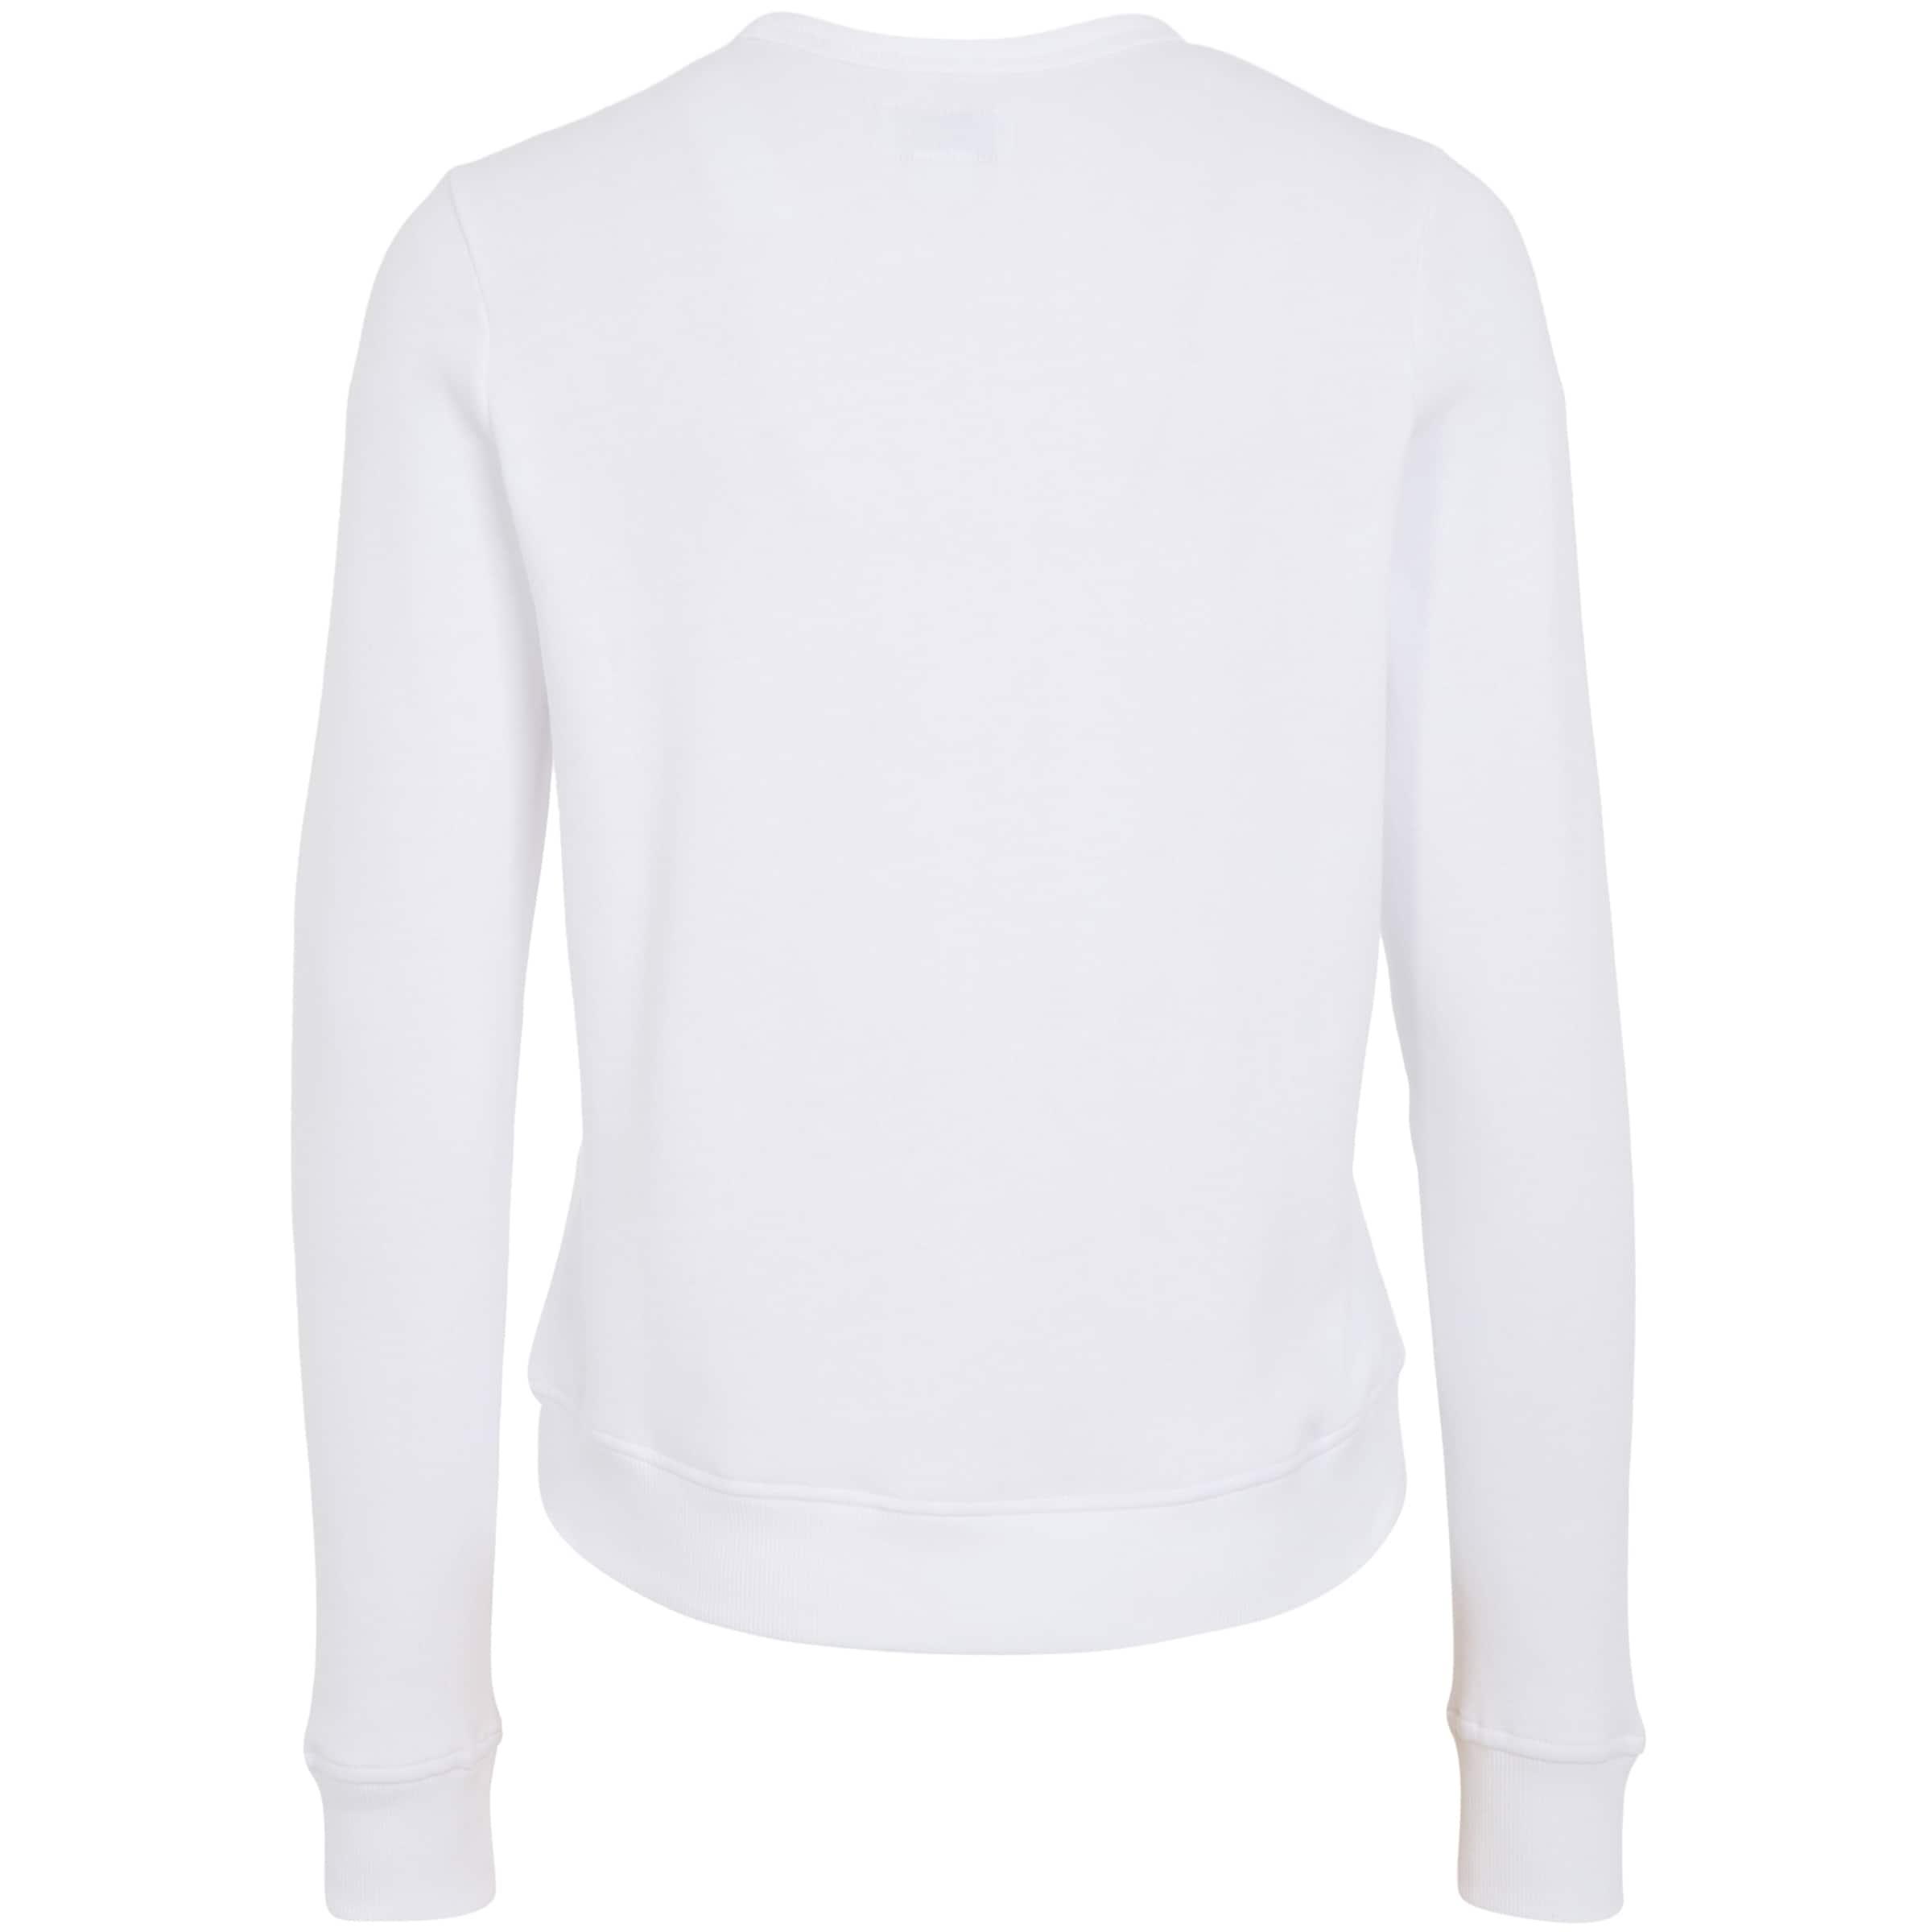 CONVERSE Crew Sweatshirt 'Metallic Neoprene' Bester Speicher Billig Online Zu Bekommen ZAvMcXv